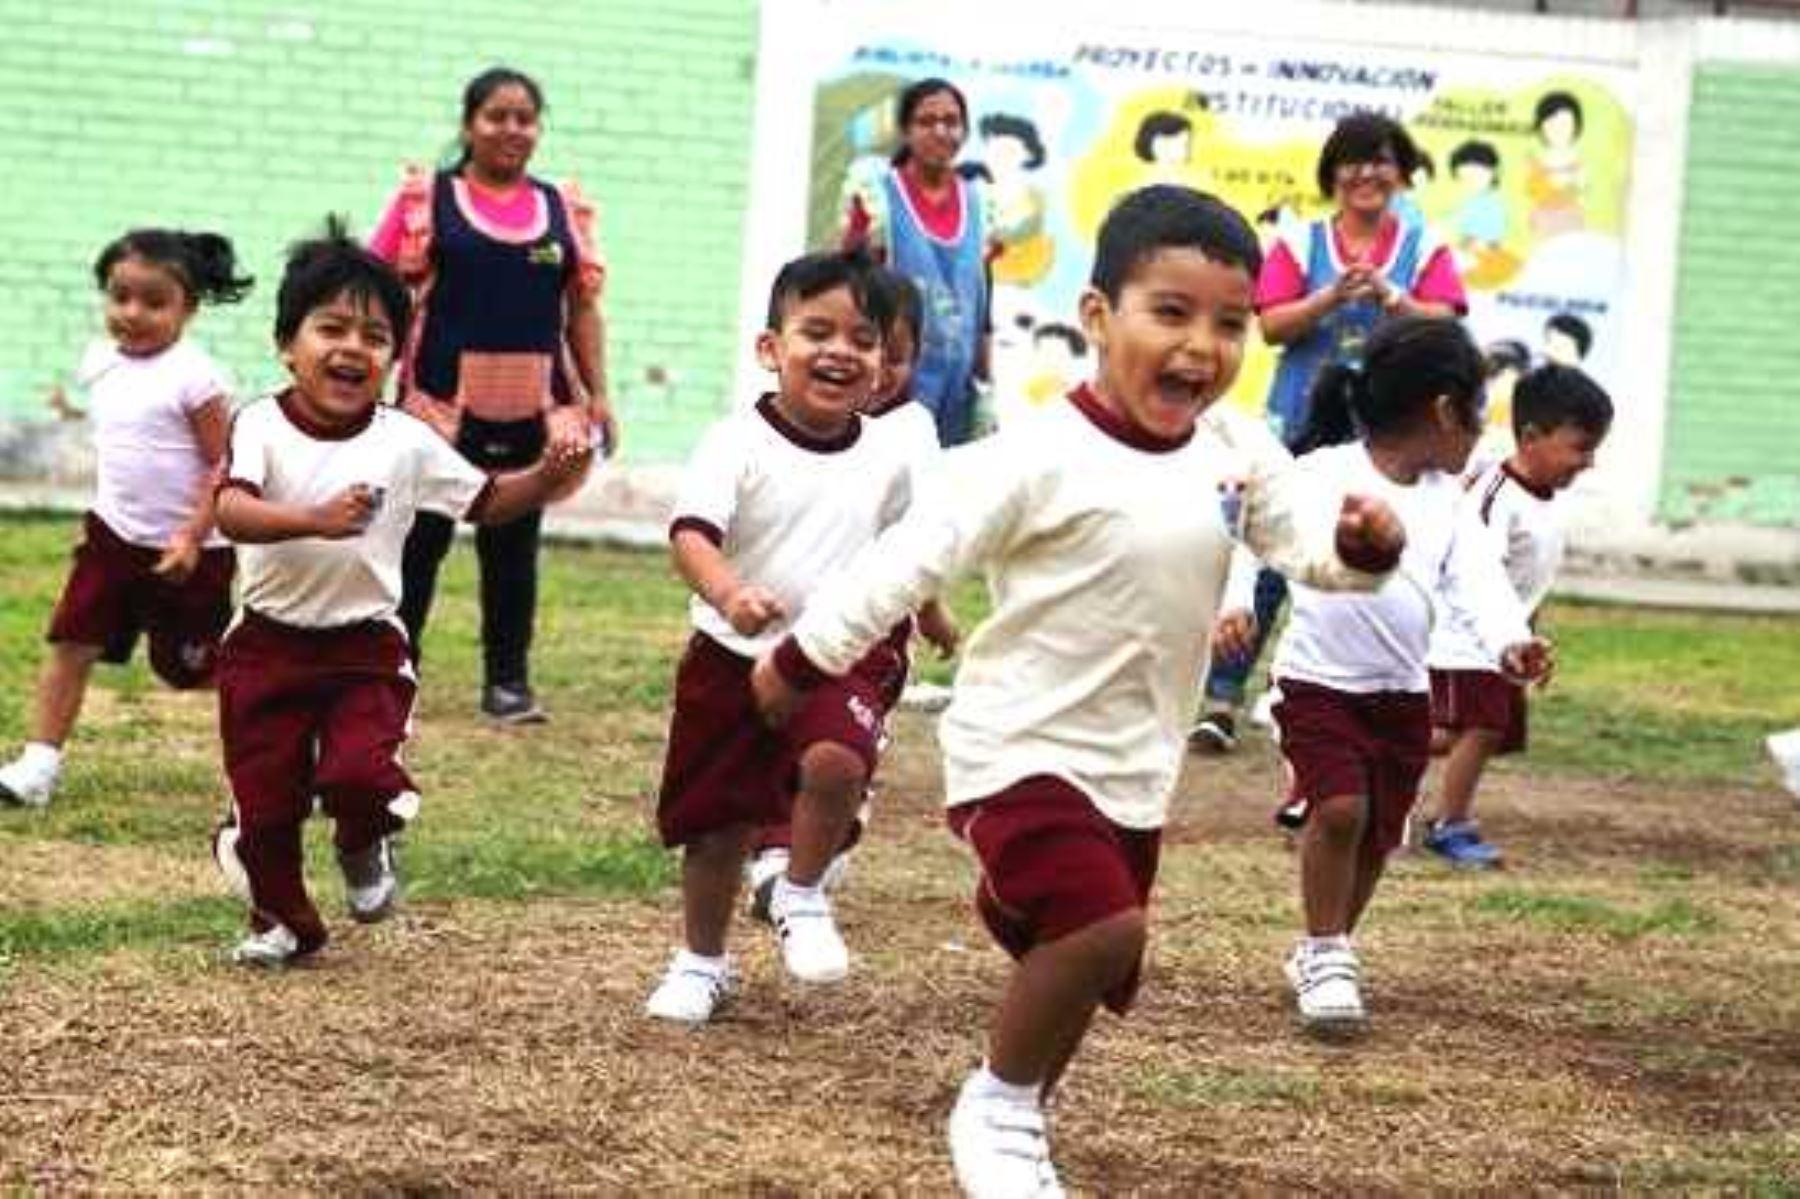 Gobierno lanzará en el 2020 programa presupuestal para la primera infancia. Foto: ANDINA/Difusión.